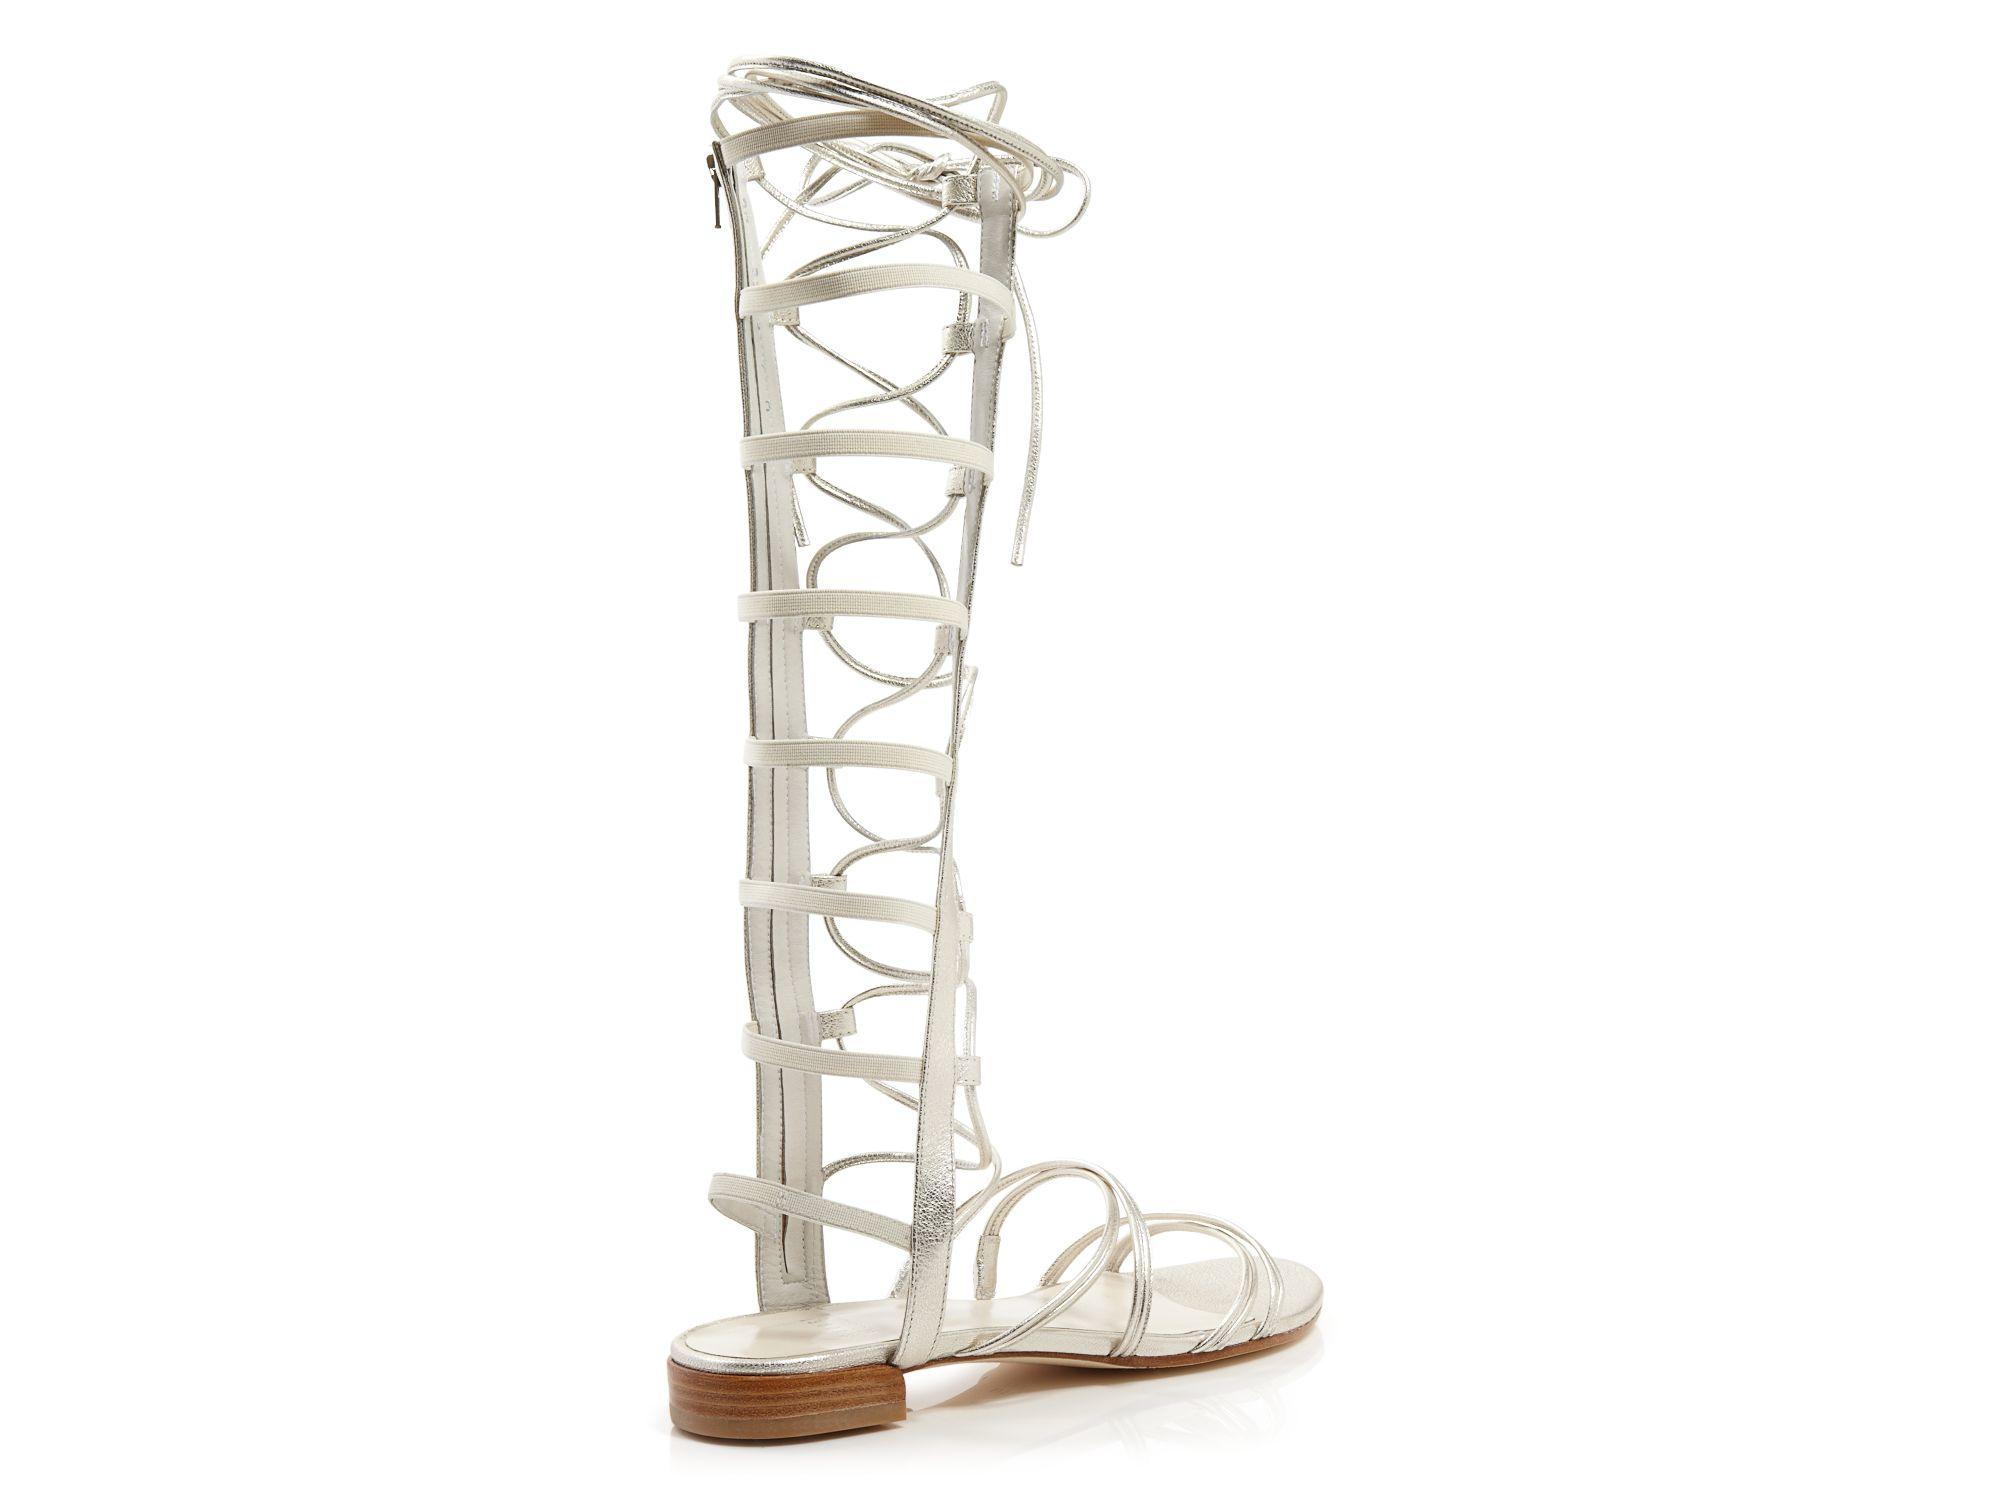 stuart weitzman flat gladiator sandals sparta in white